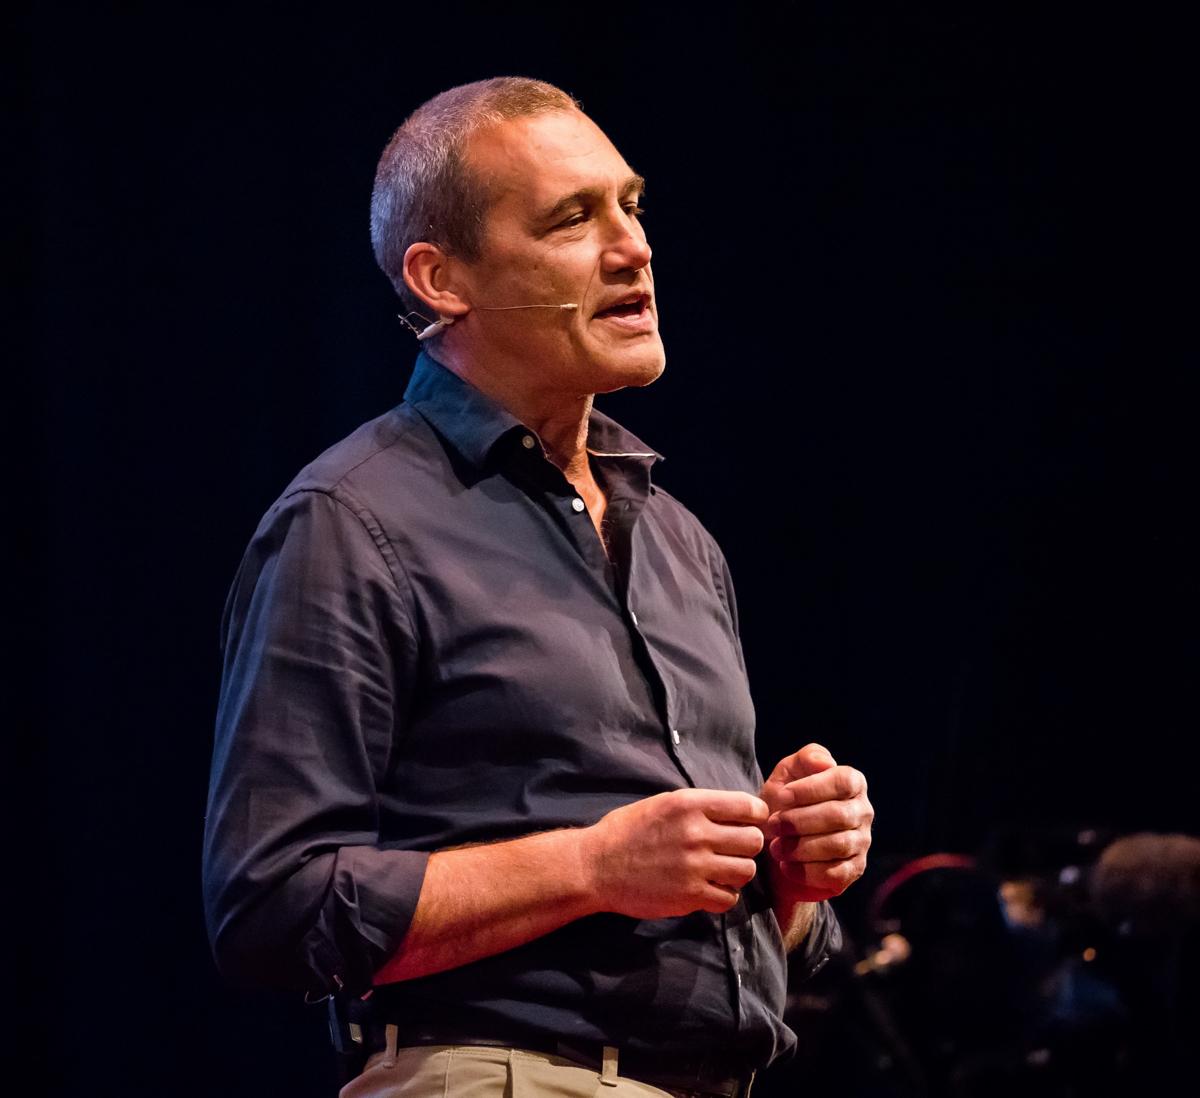 Craig Challen TEDx Perth 2019